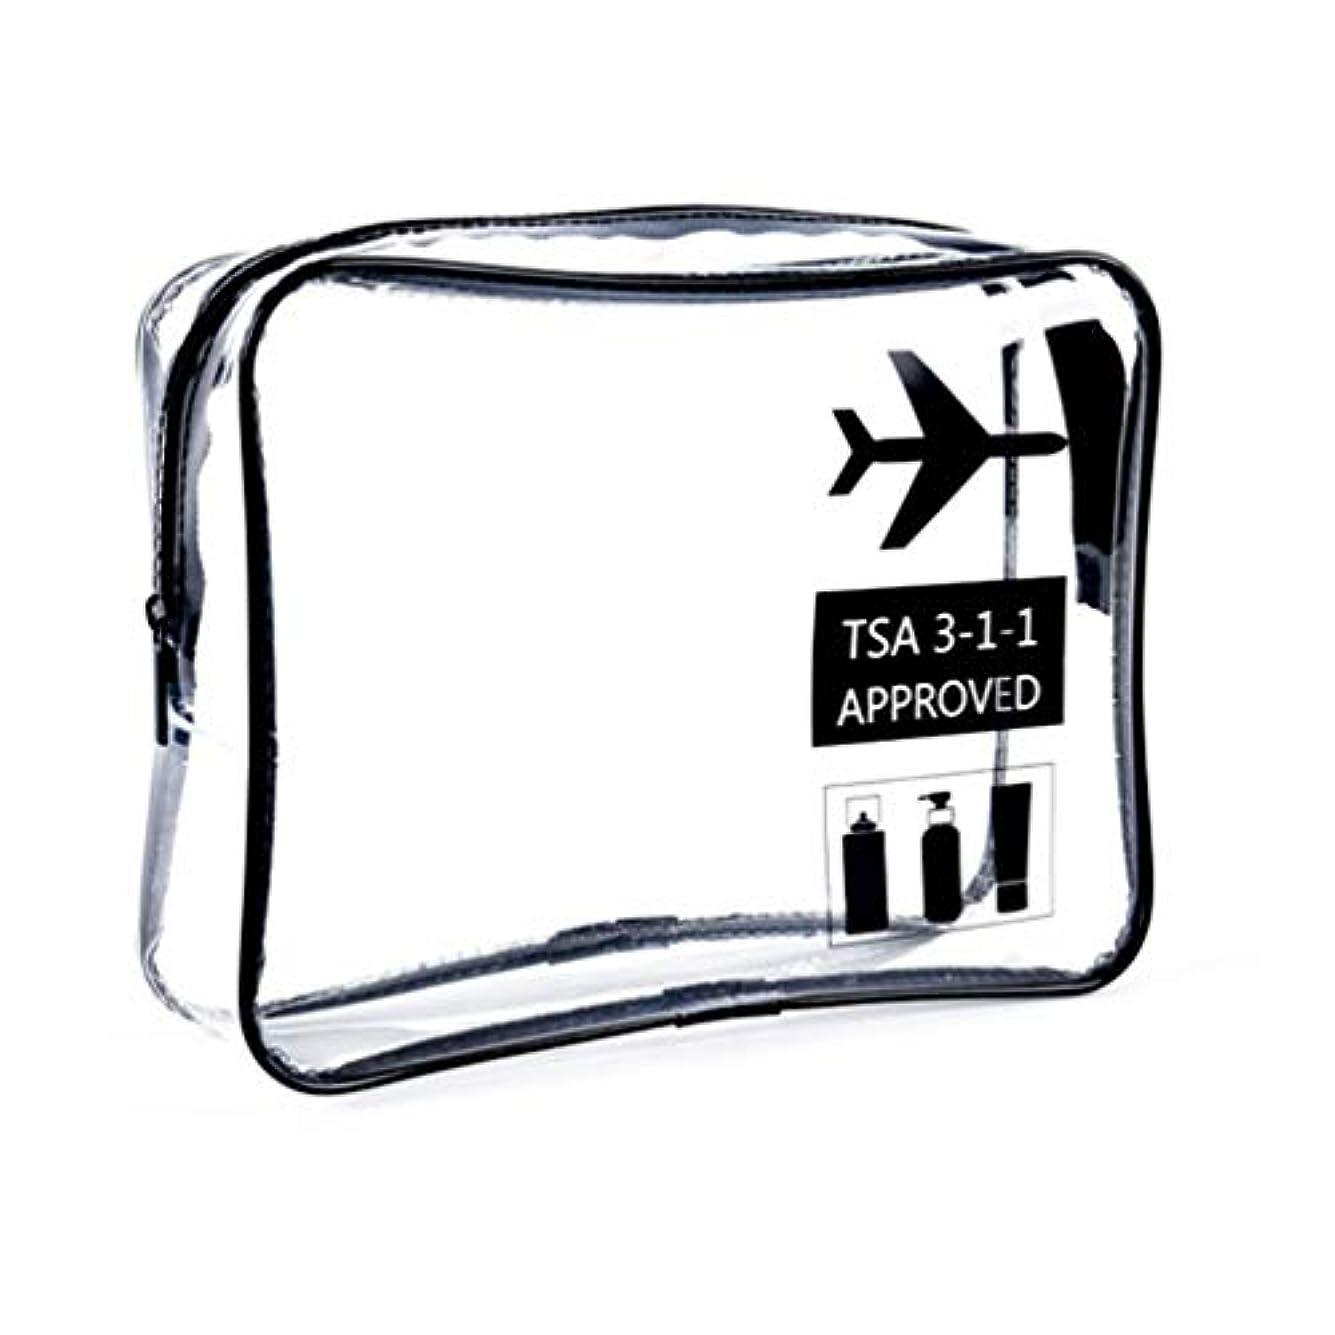 不合格戦士悲劇明確な化粧袋、ジッパー旅行貯蔵袋の化粧品の箱が付いている携帯用防水化粧品袋